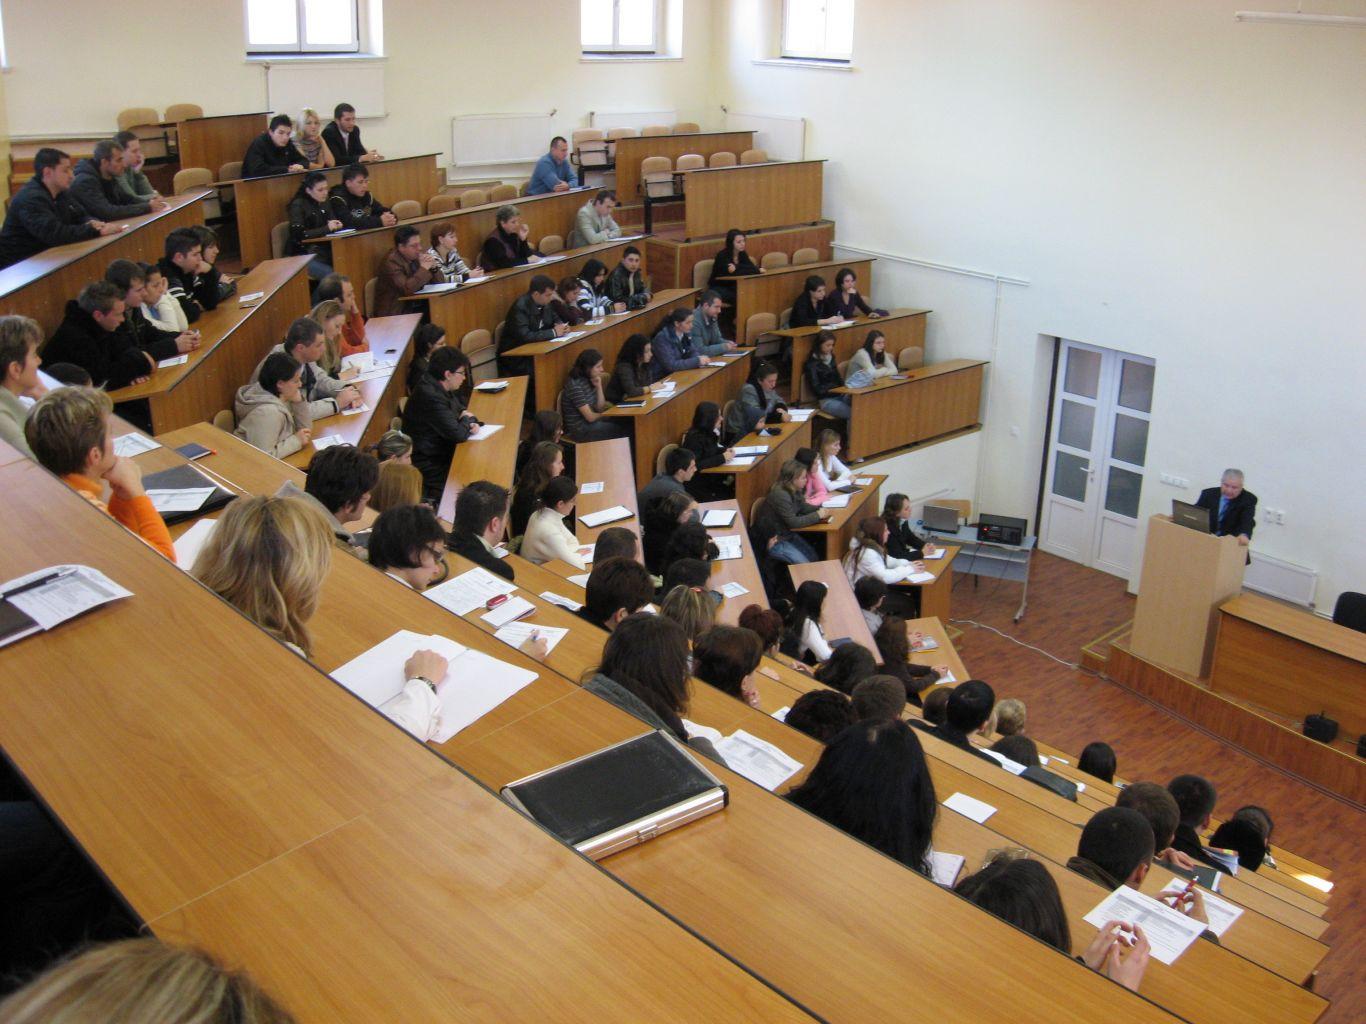 Cât costă să fii student în Sibiu. În cămin sau în chirie